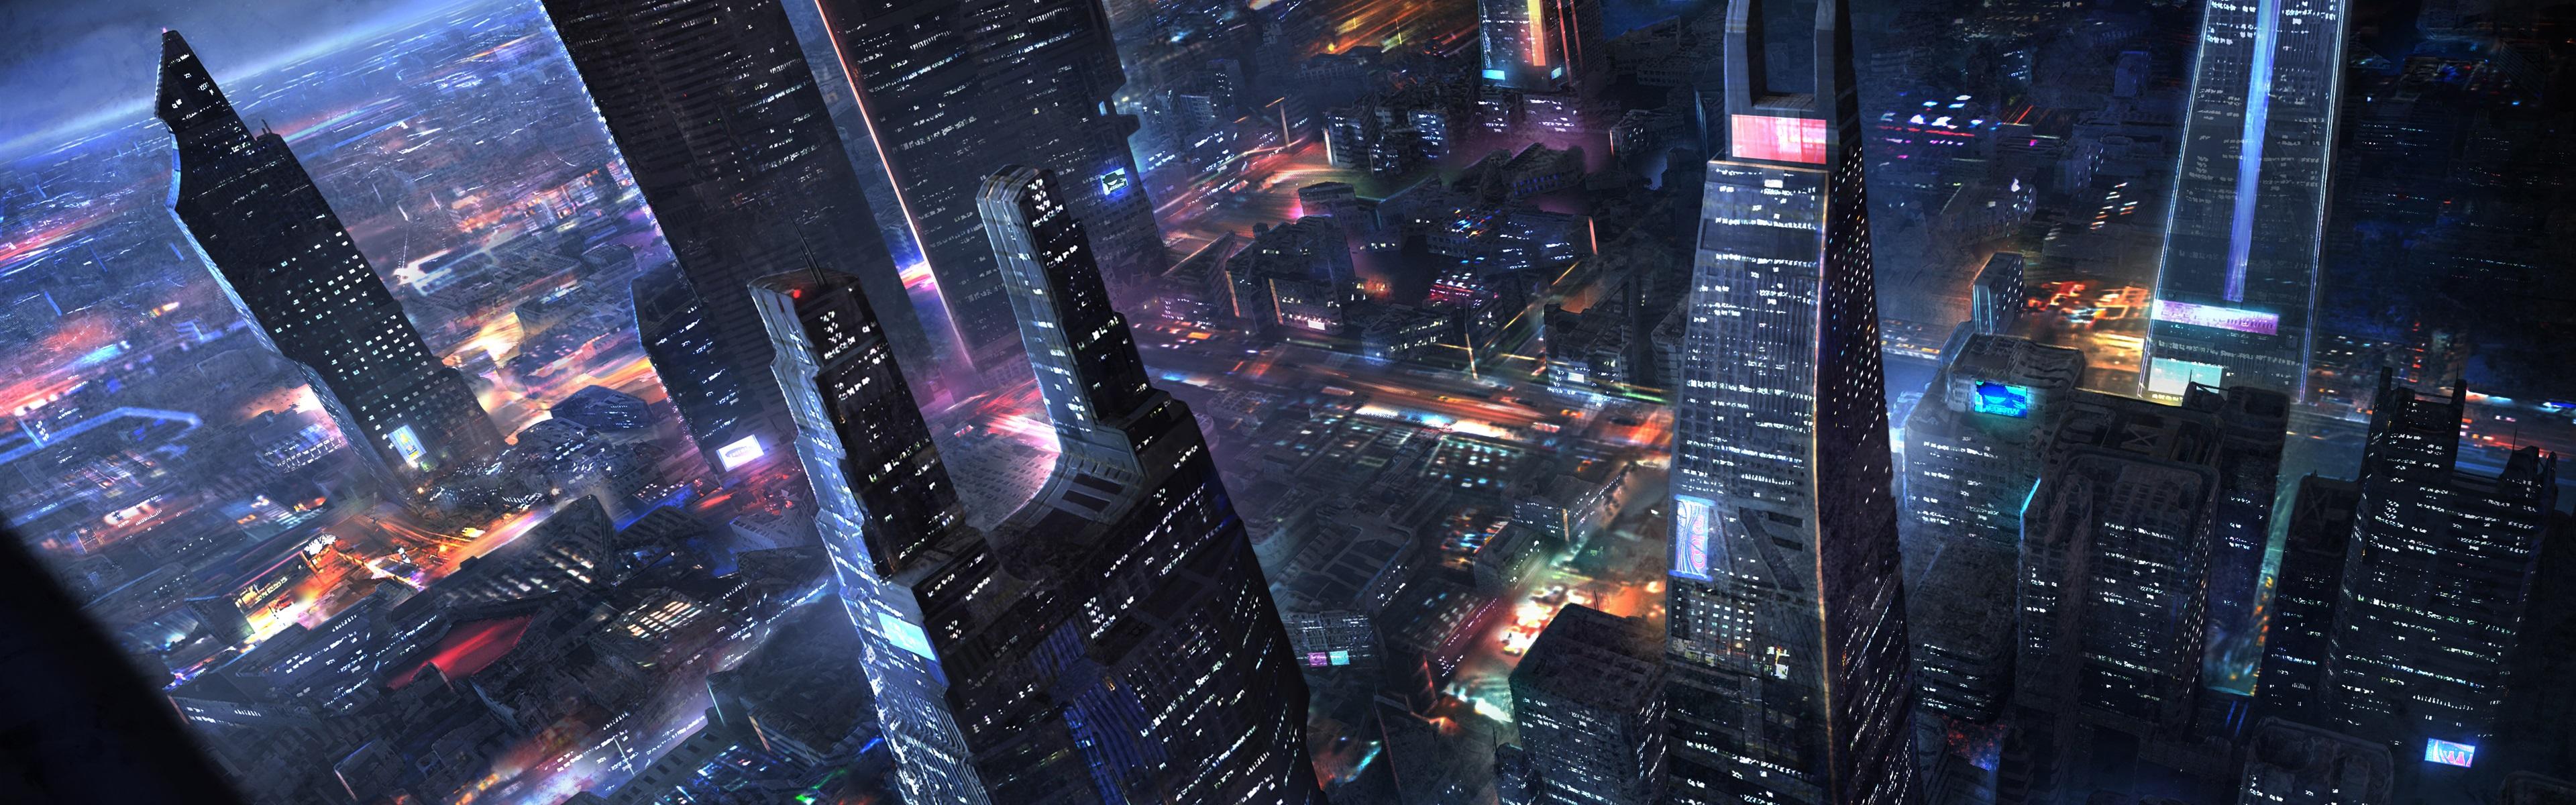 壁紙 未来都市 高層ビル 夜 ライト アートデザイン 3840x1200